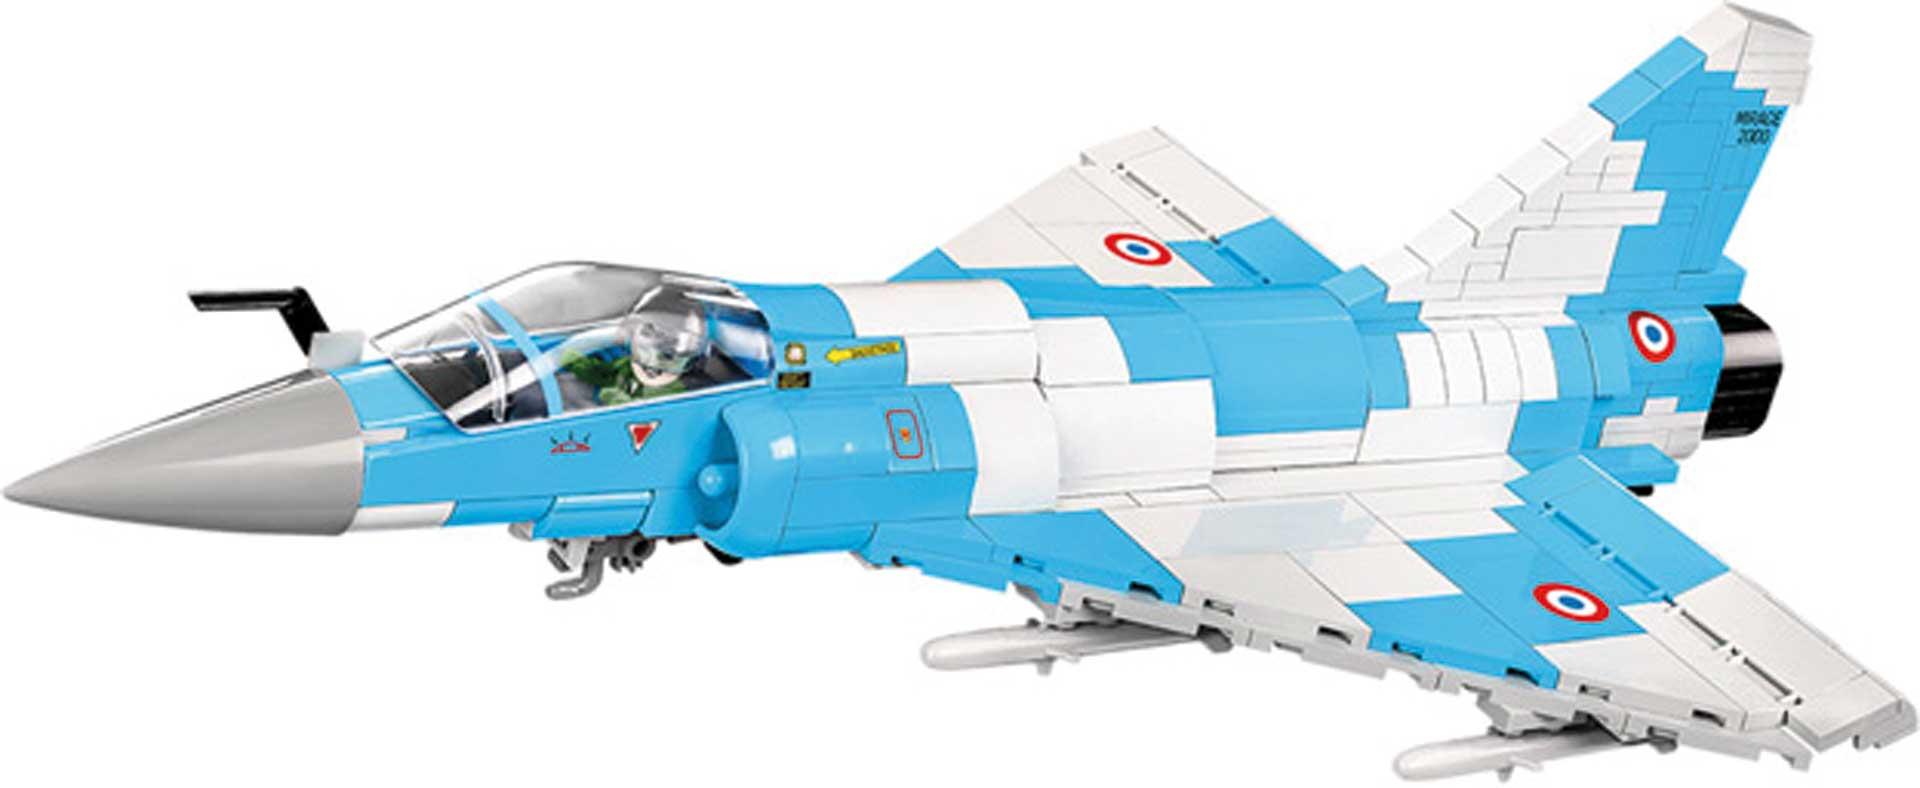 COBI Mirage 2000-5 (400 Teile) Klemmbausteine